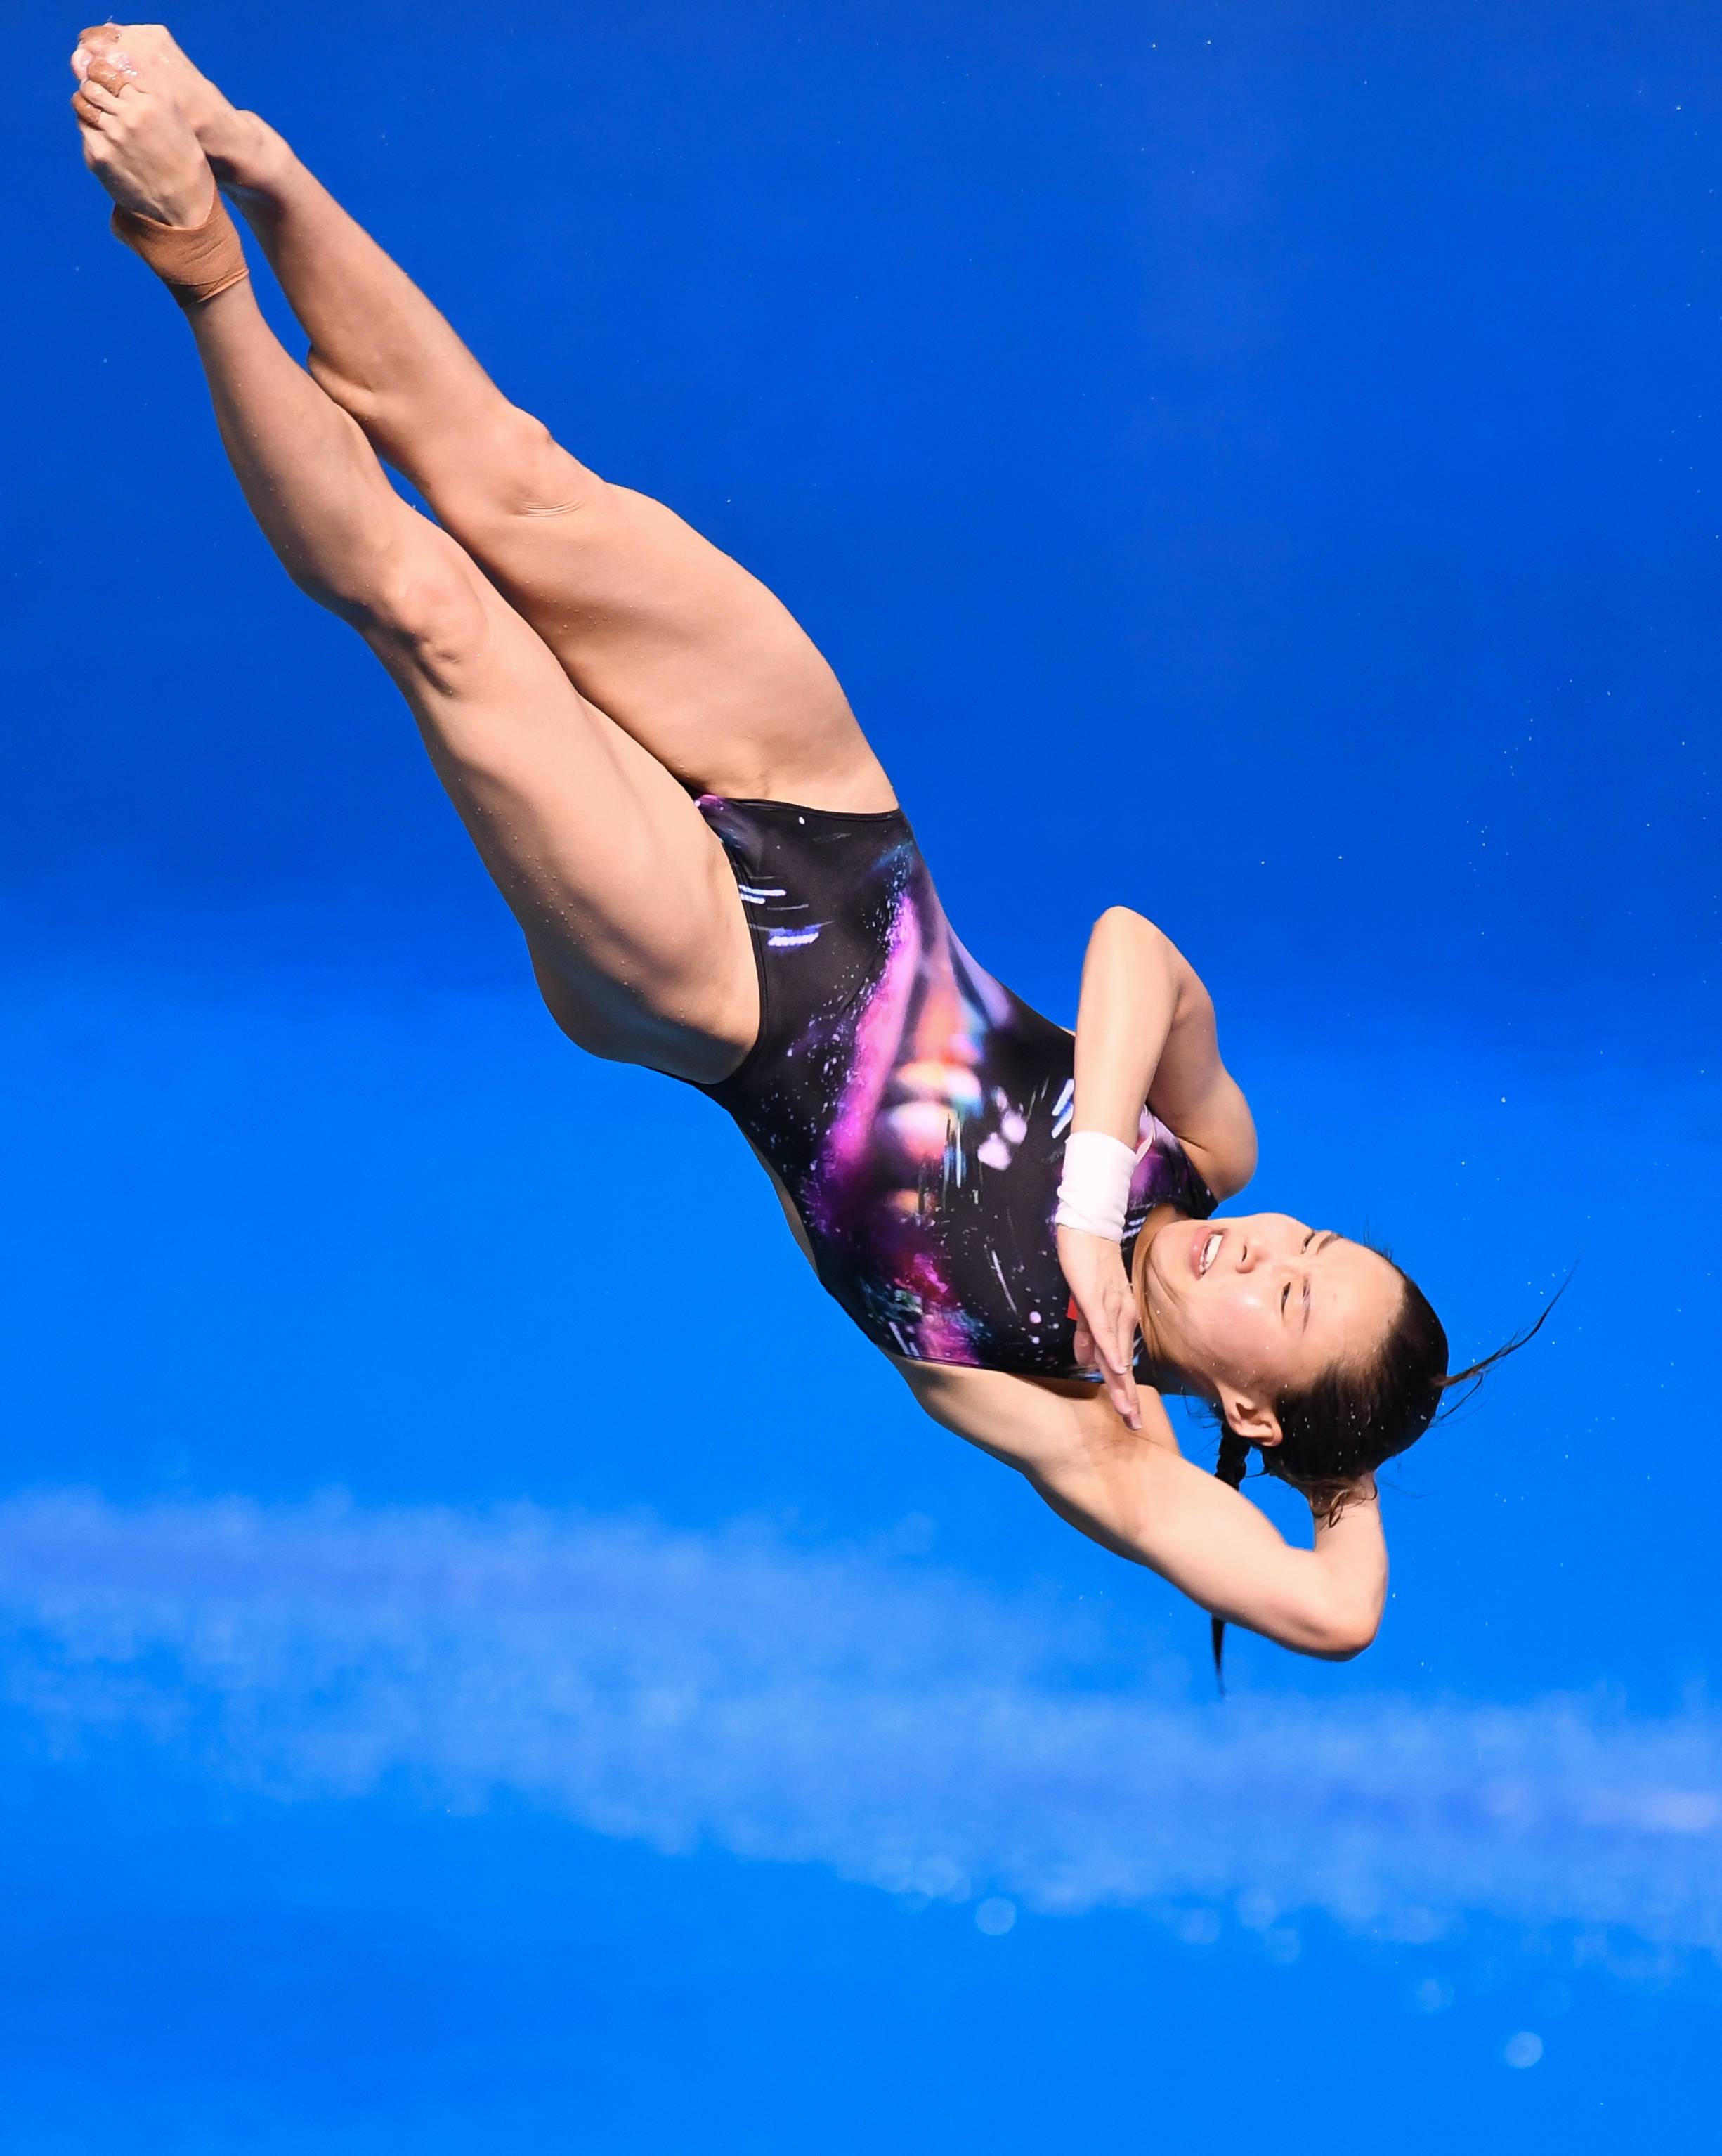 跳水——2021年跳水项目东京奥运会、世界杯选拔赛:女子3米板决赛赛况